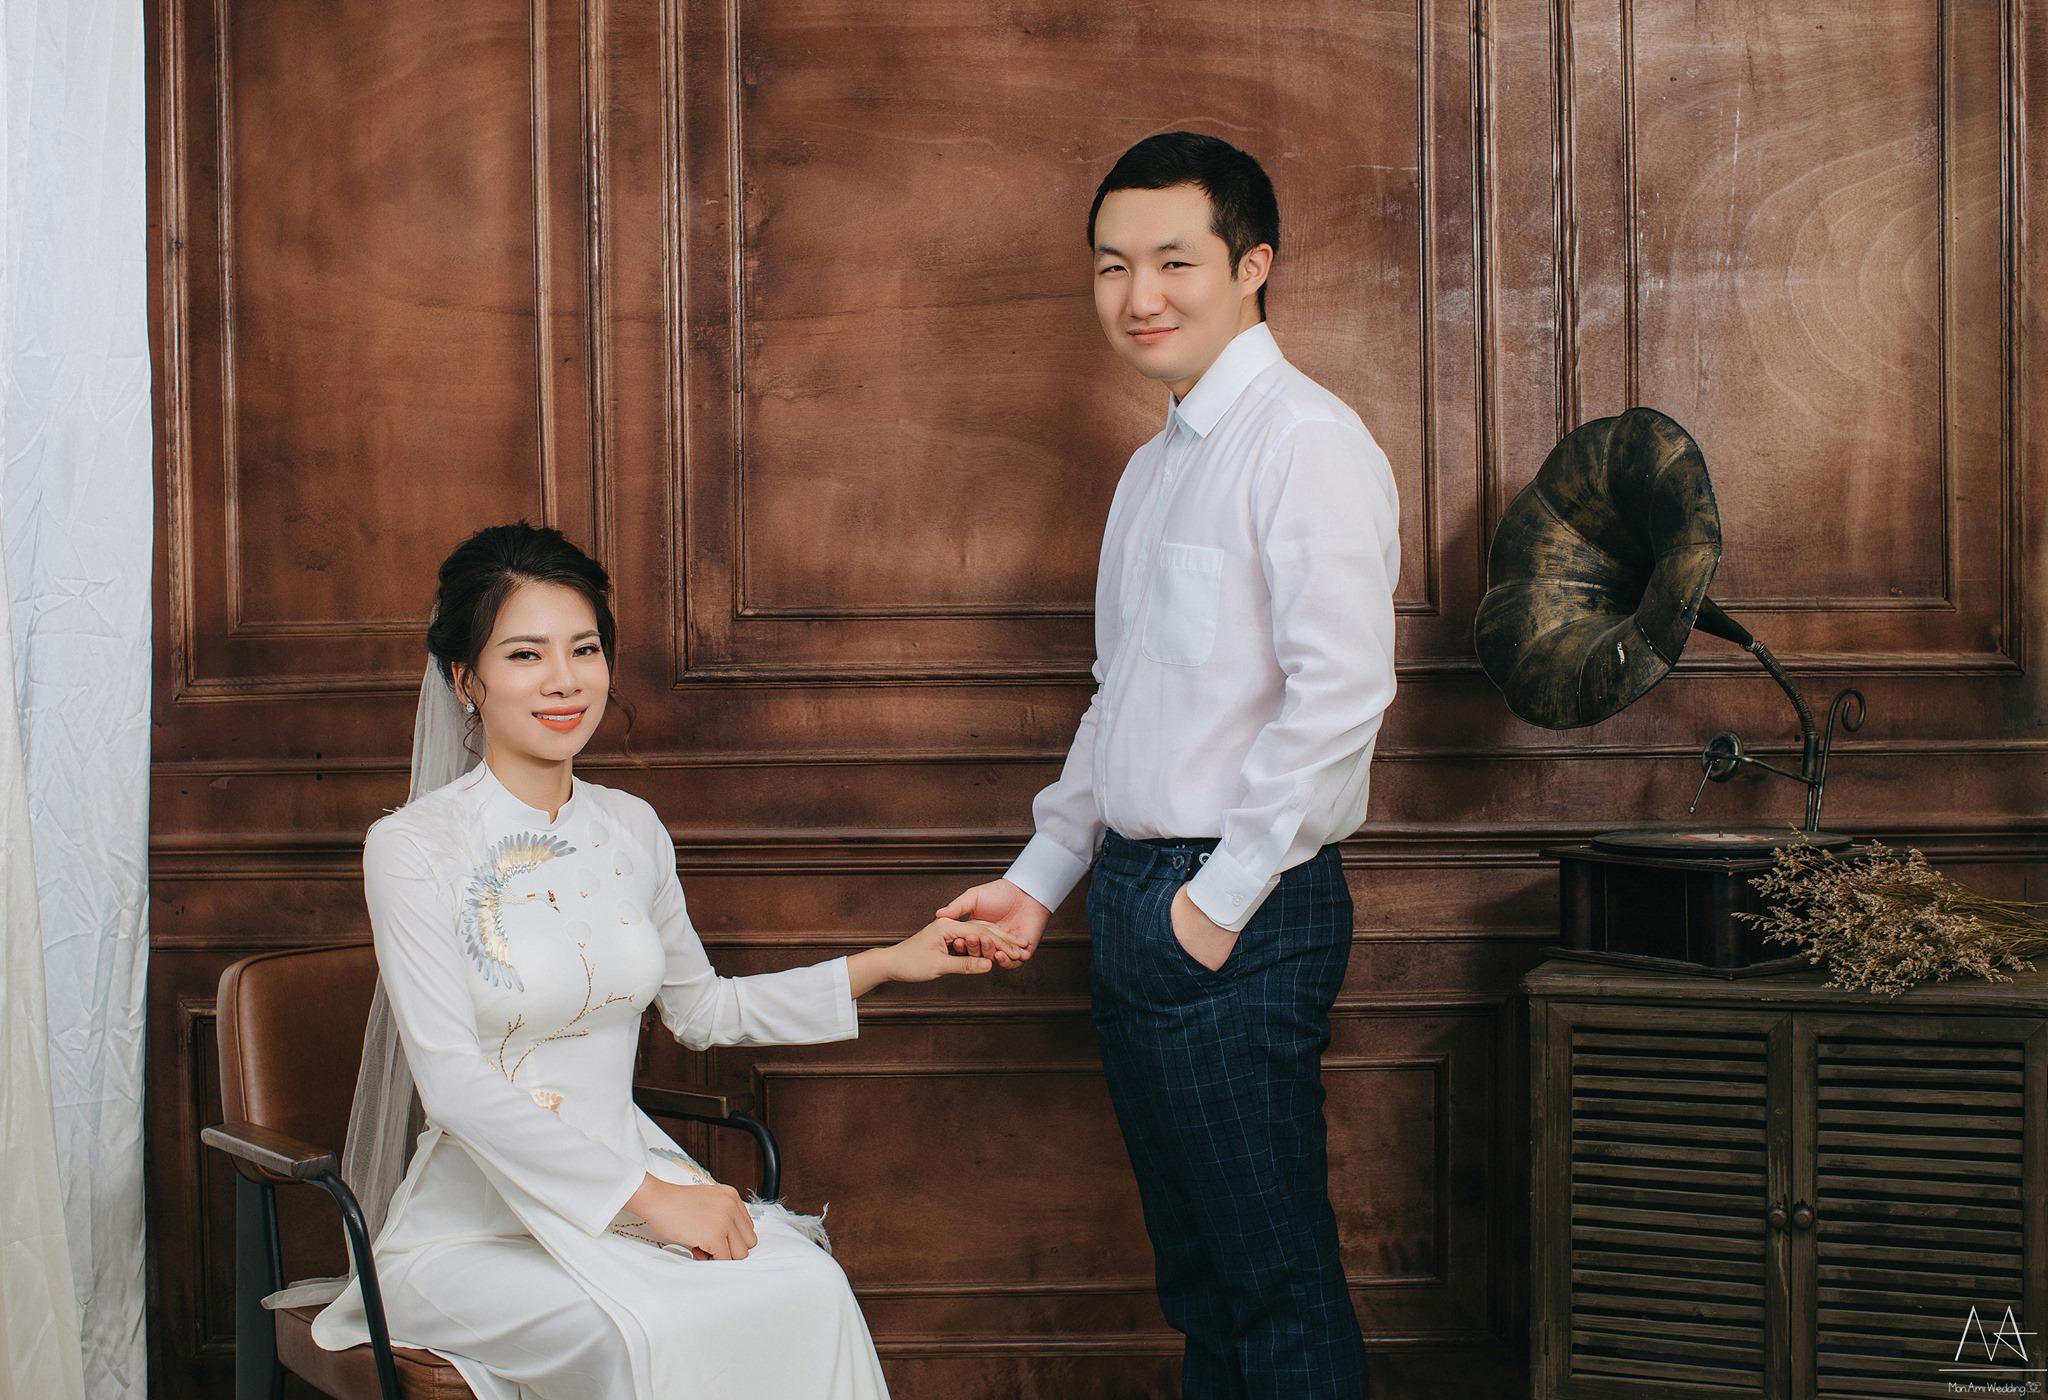 CHÀO THÁNG 7 CÙNG MON AMI WEDDING VỚI KHUYẾN MÃI SIÊU TO KHỔNG LỒ- GÓI CHỤP STUDIO CHỈ VỚI 2.800.000!!!